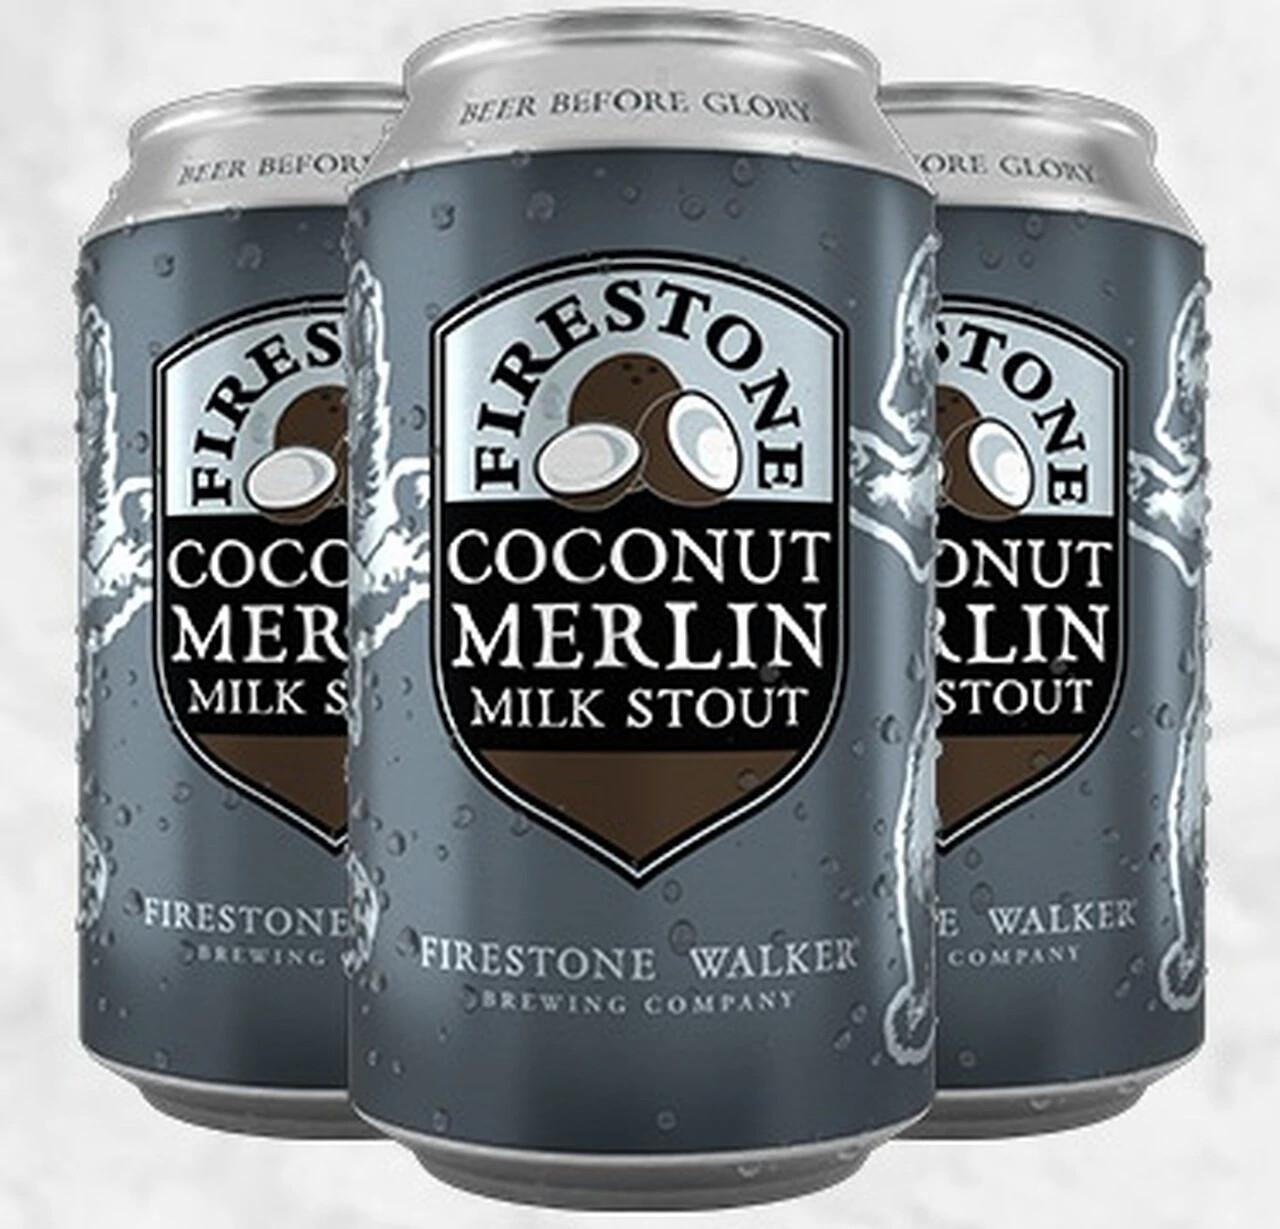 Firestone Walker - Coconut Merlin